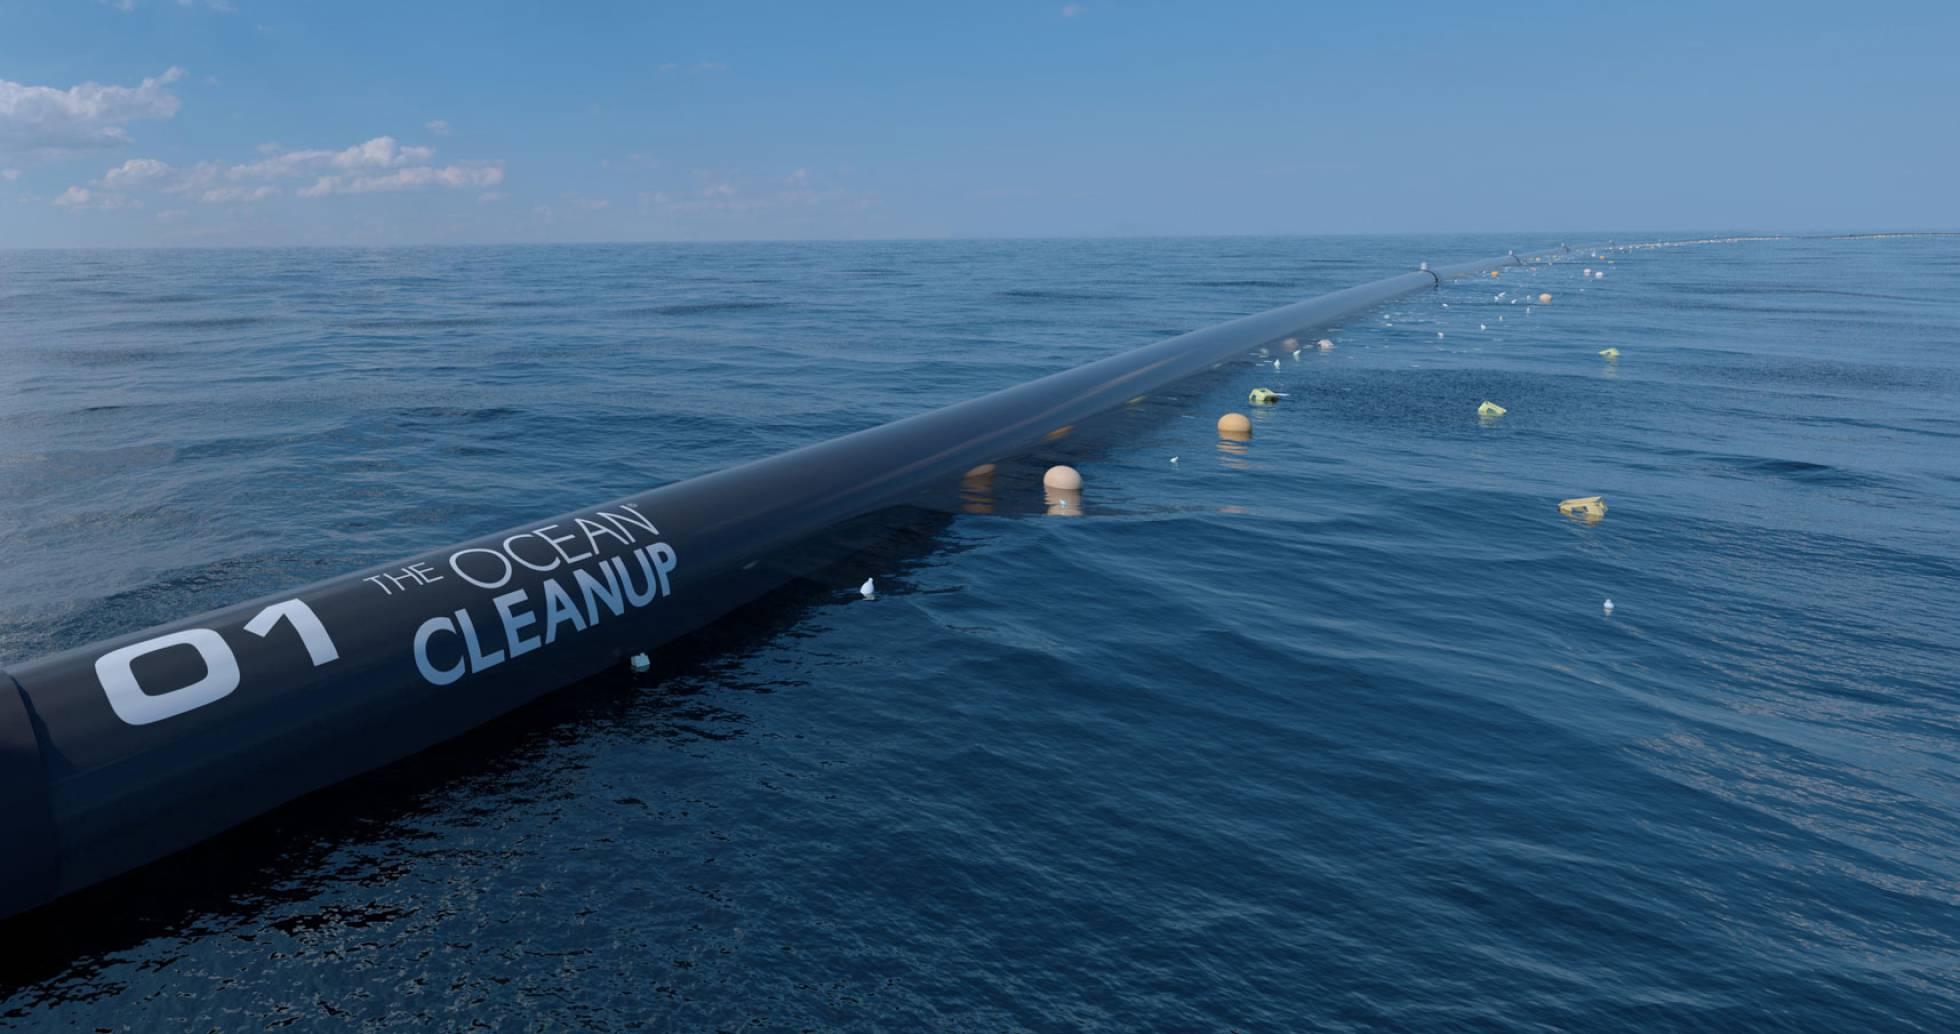 O sistema de limpeza da The Ocean Cleanup